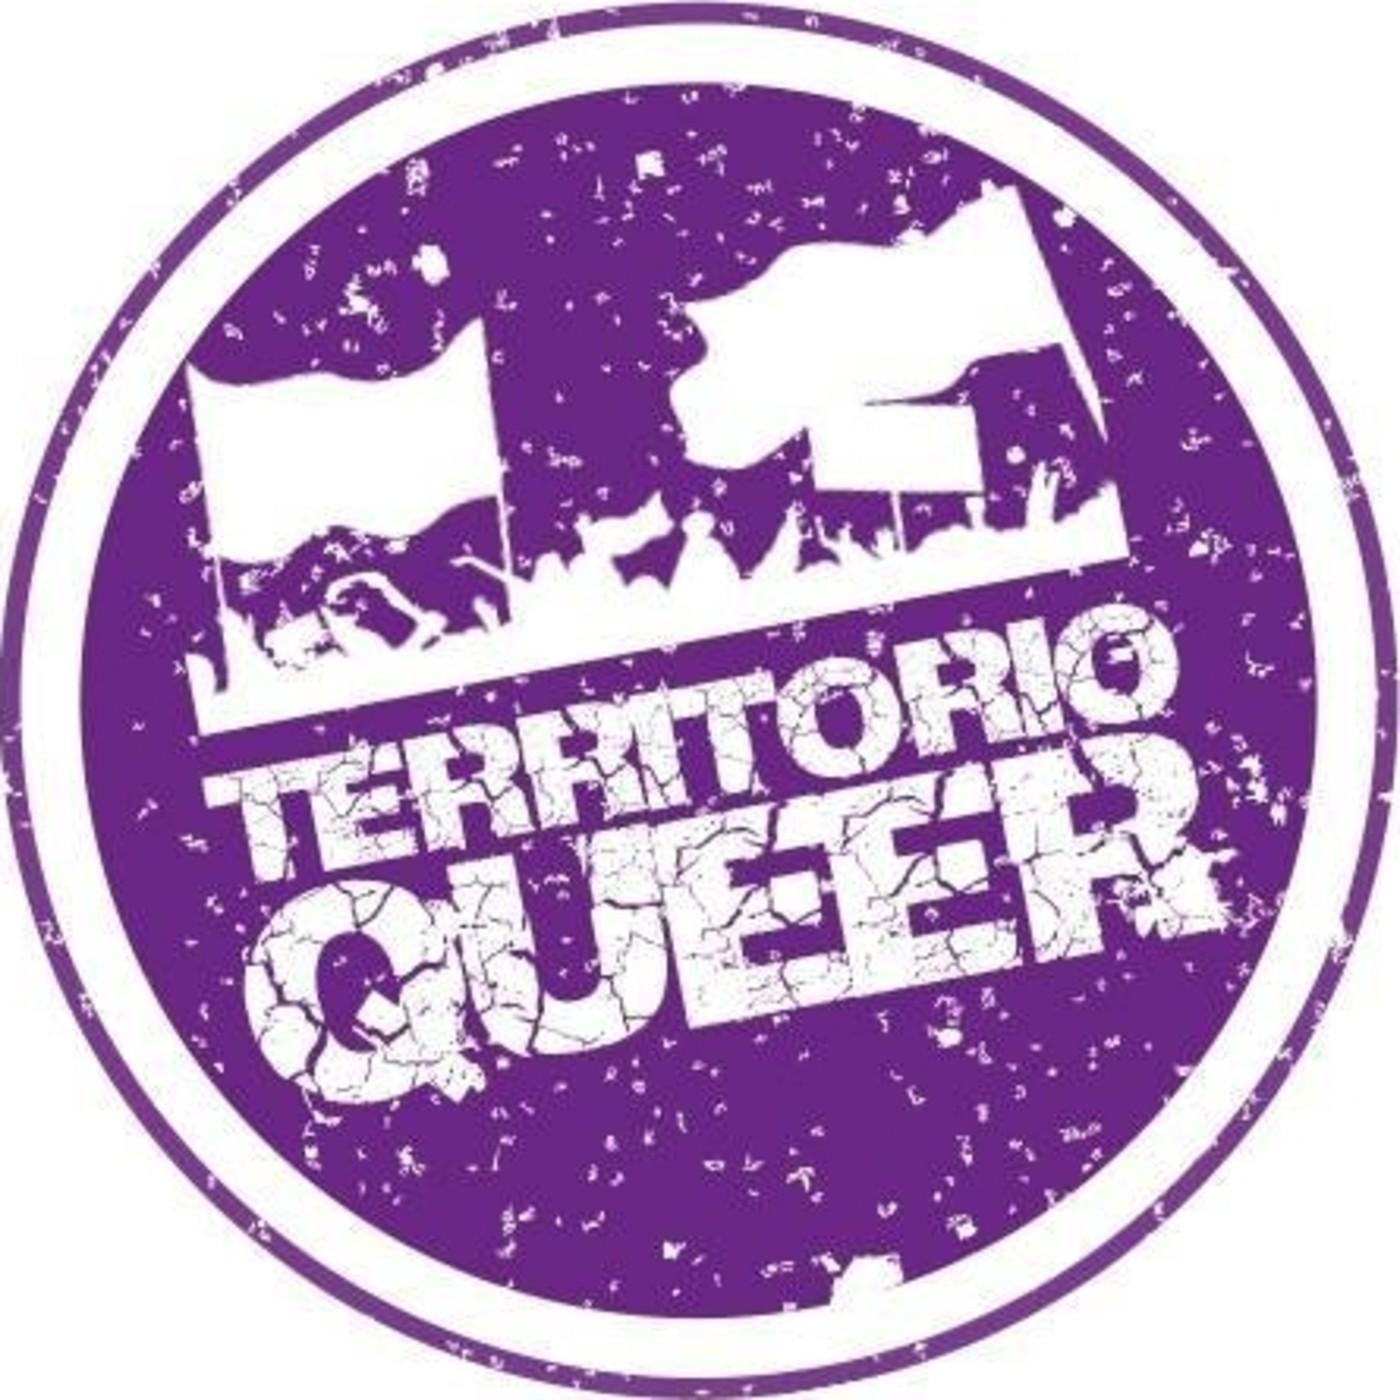 Territorio Queer:Territorio Queer